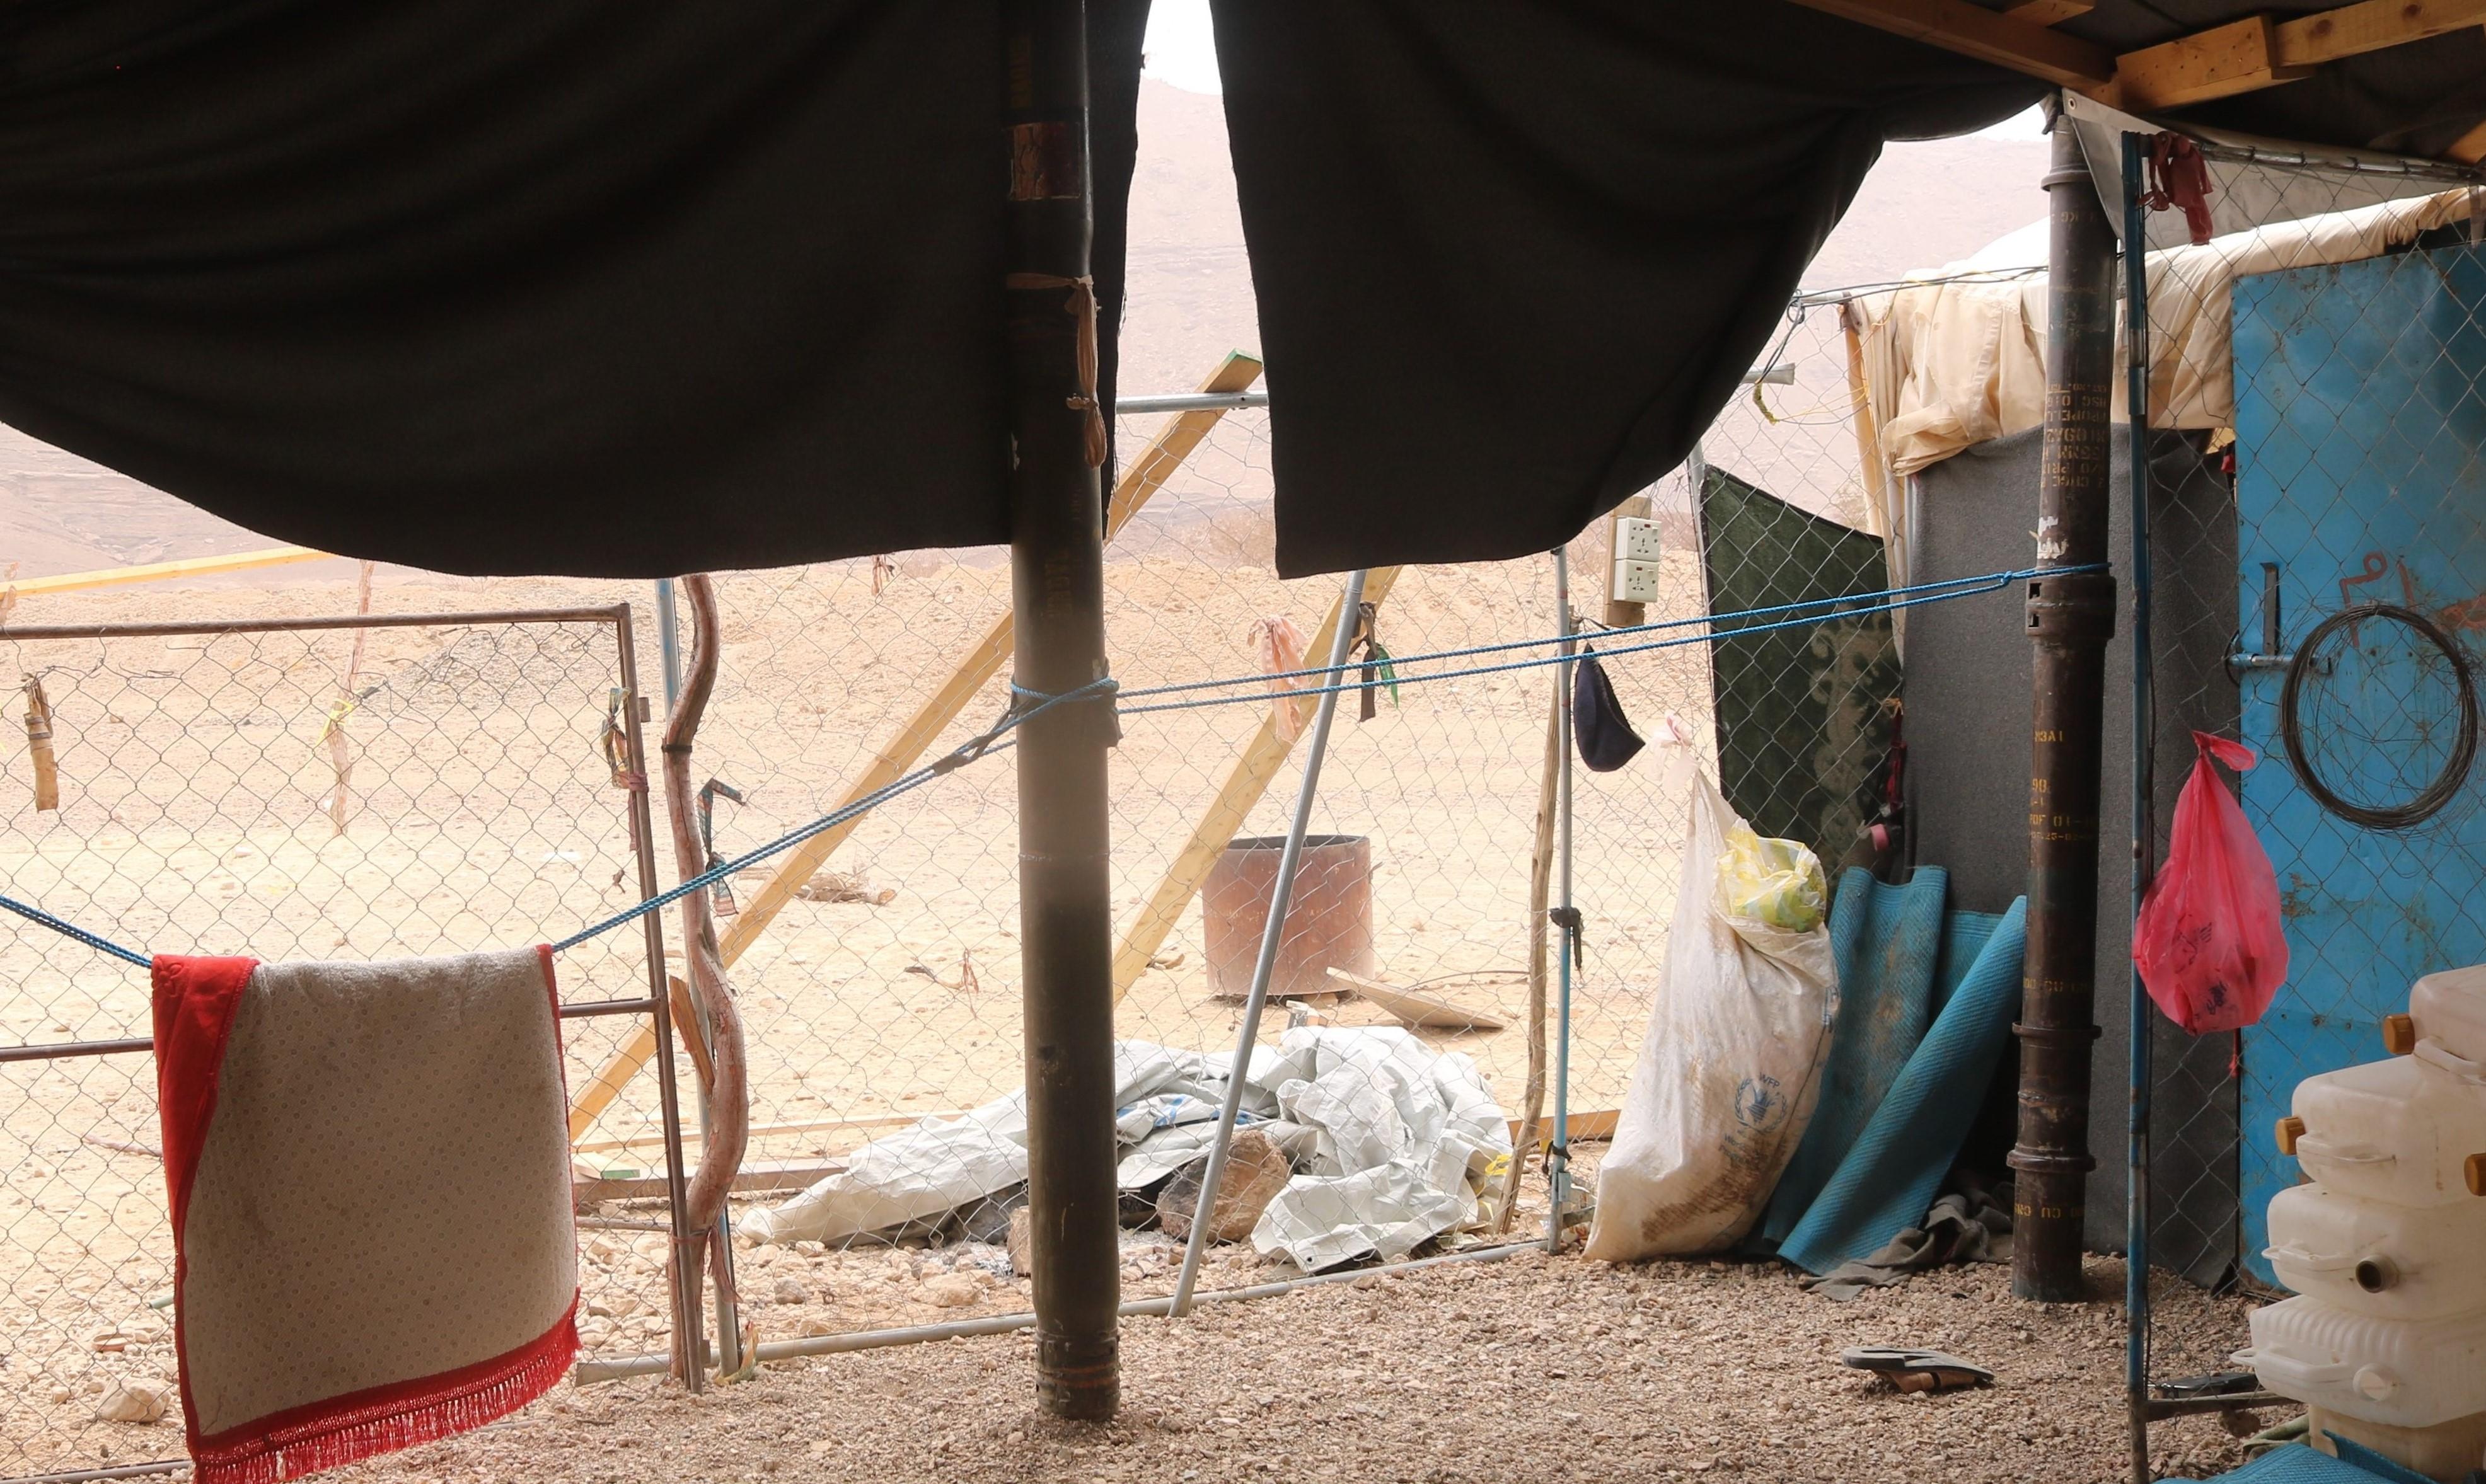 يلجأ النازحون من الحرب والدمار إلى بناء مساكن في العراء وبأدوات منخفضة الكلفة (اندبندنت عربية)